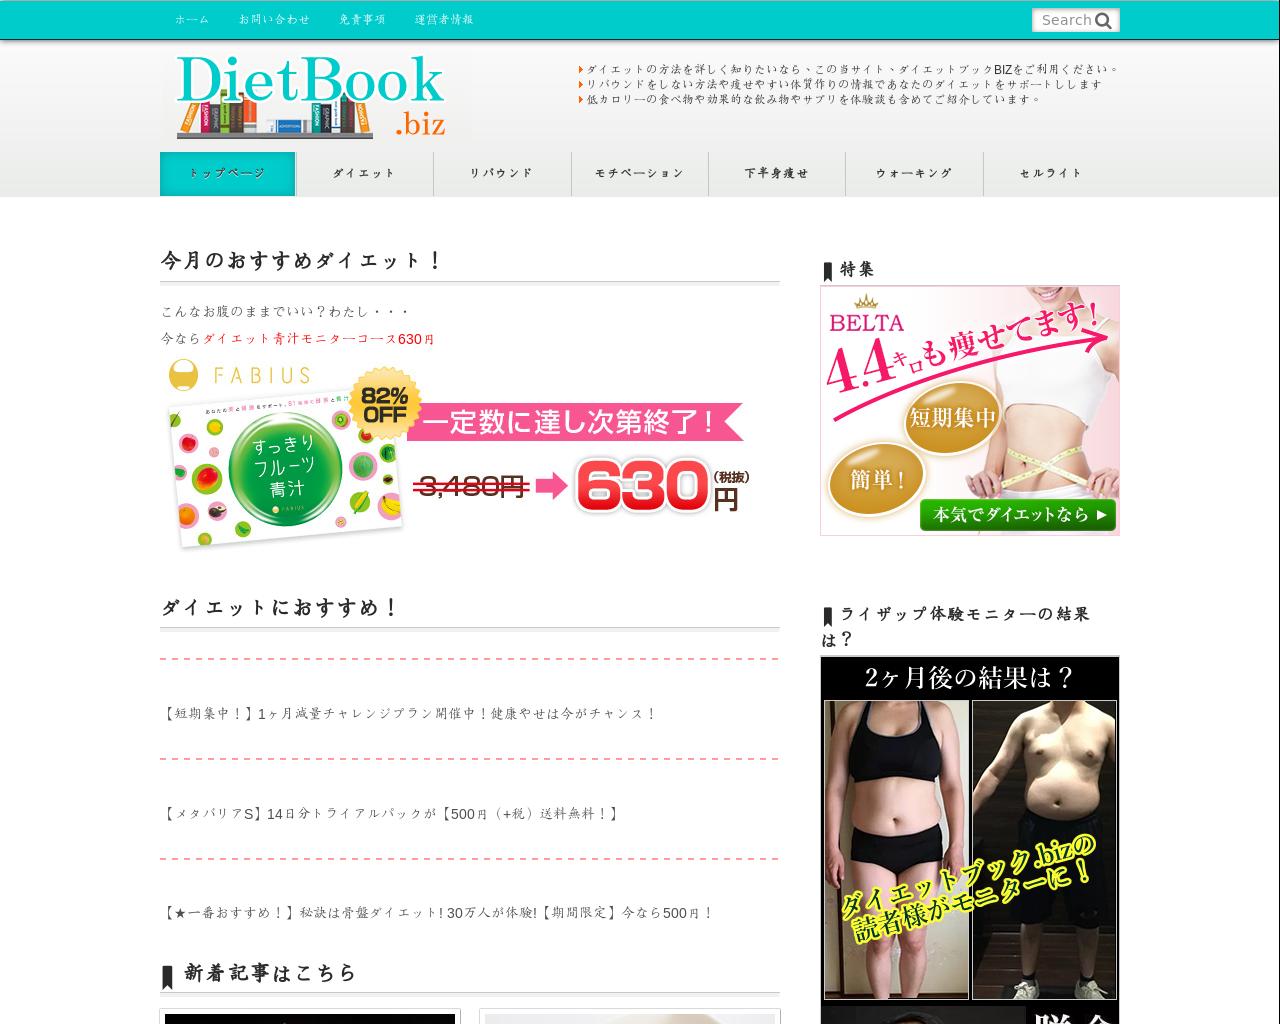 dietbook.biz(2017/12/07 03:55:34)